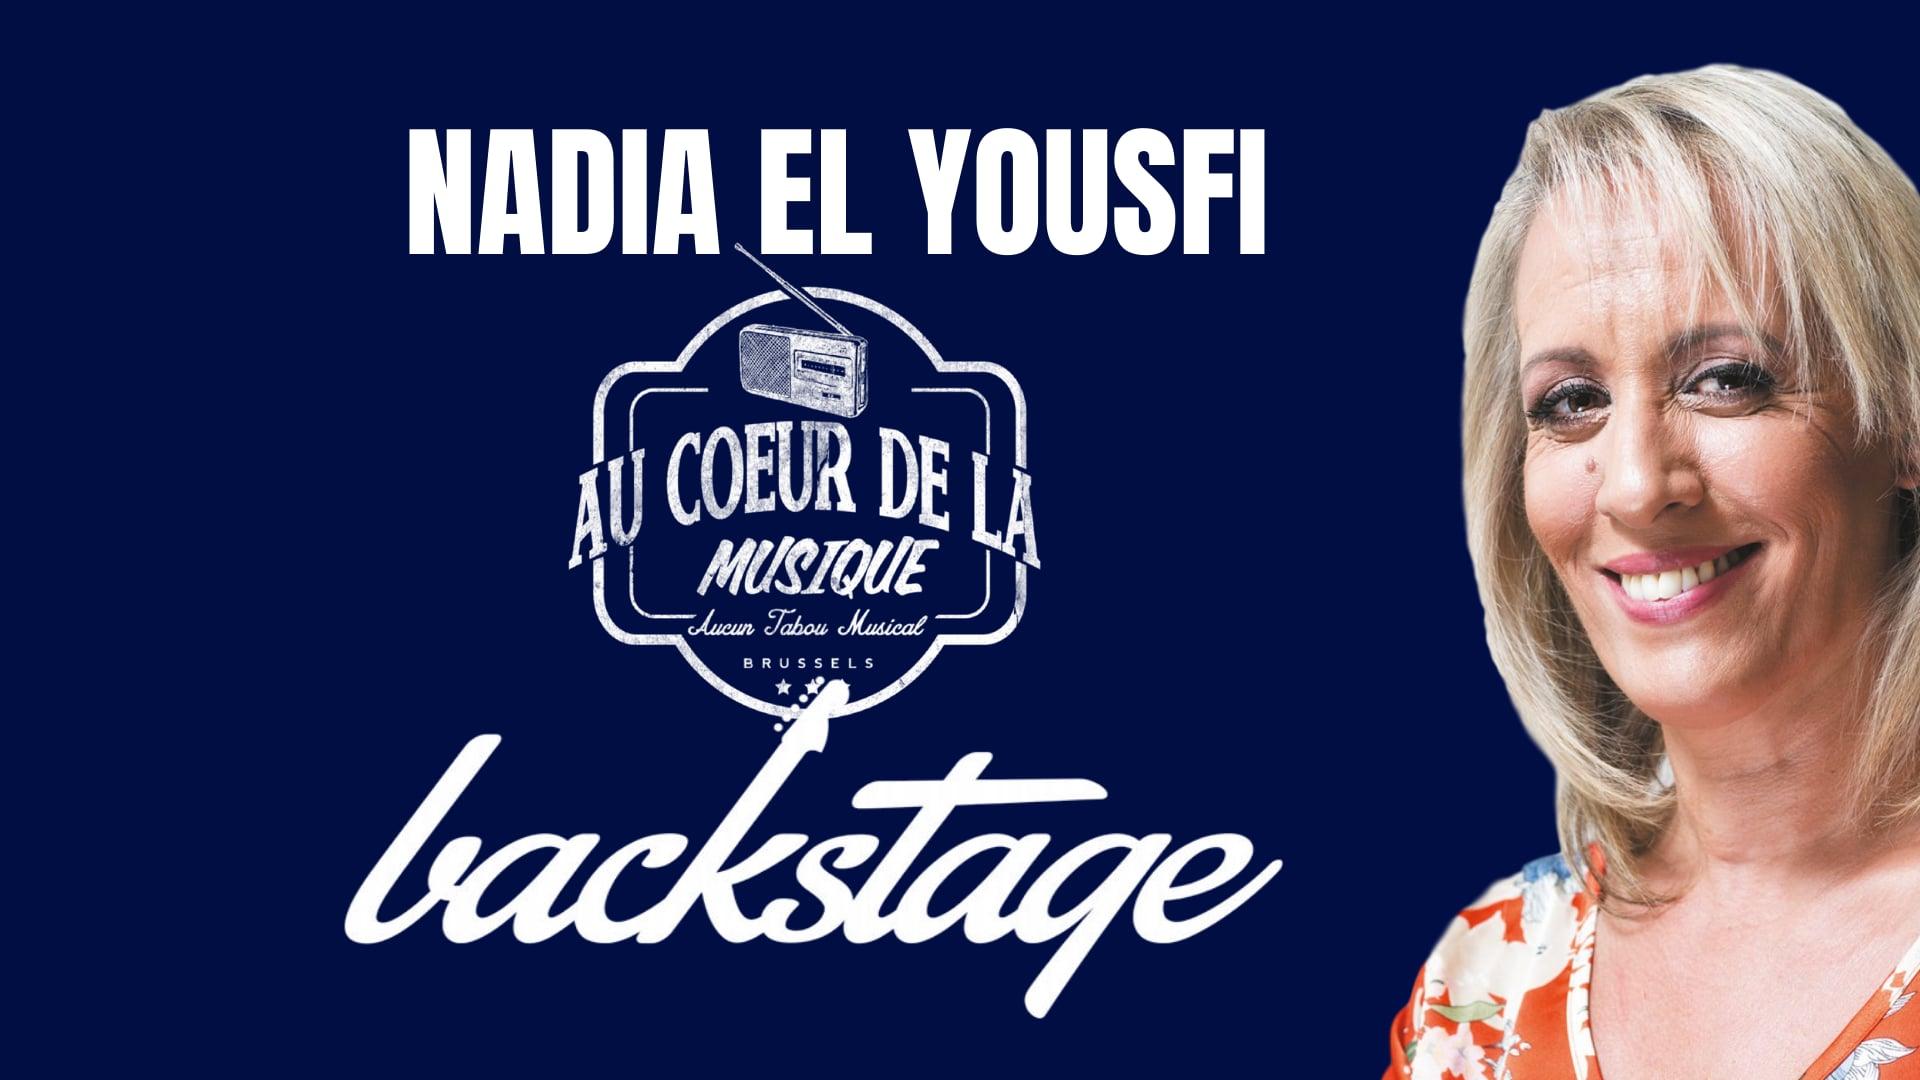 BACKSTAGE N°2: Nadia El Yousfi